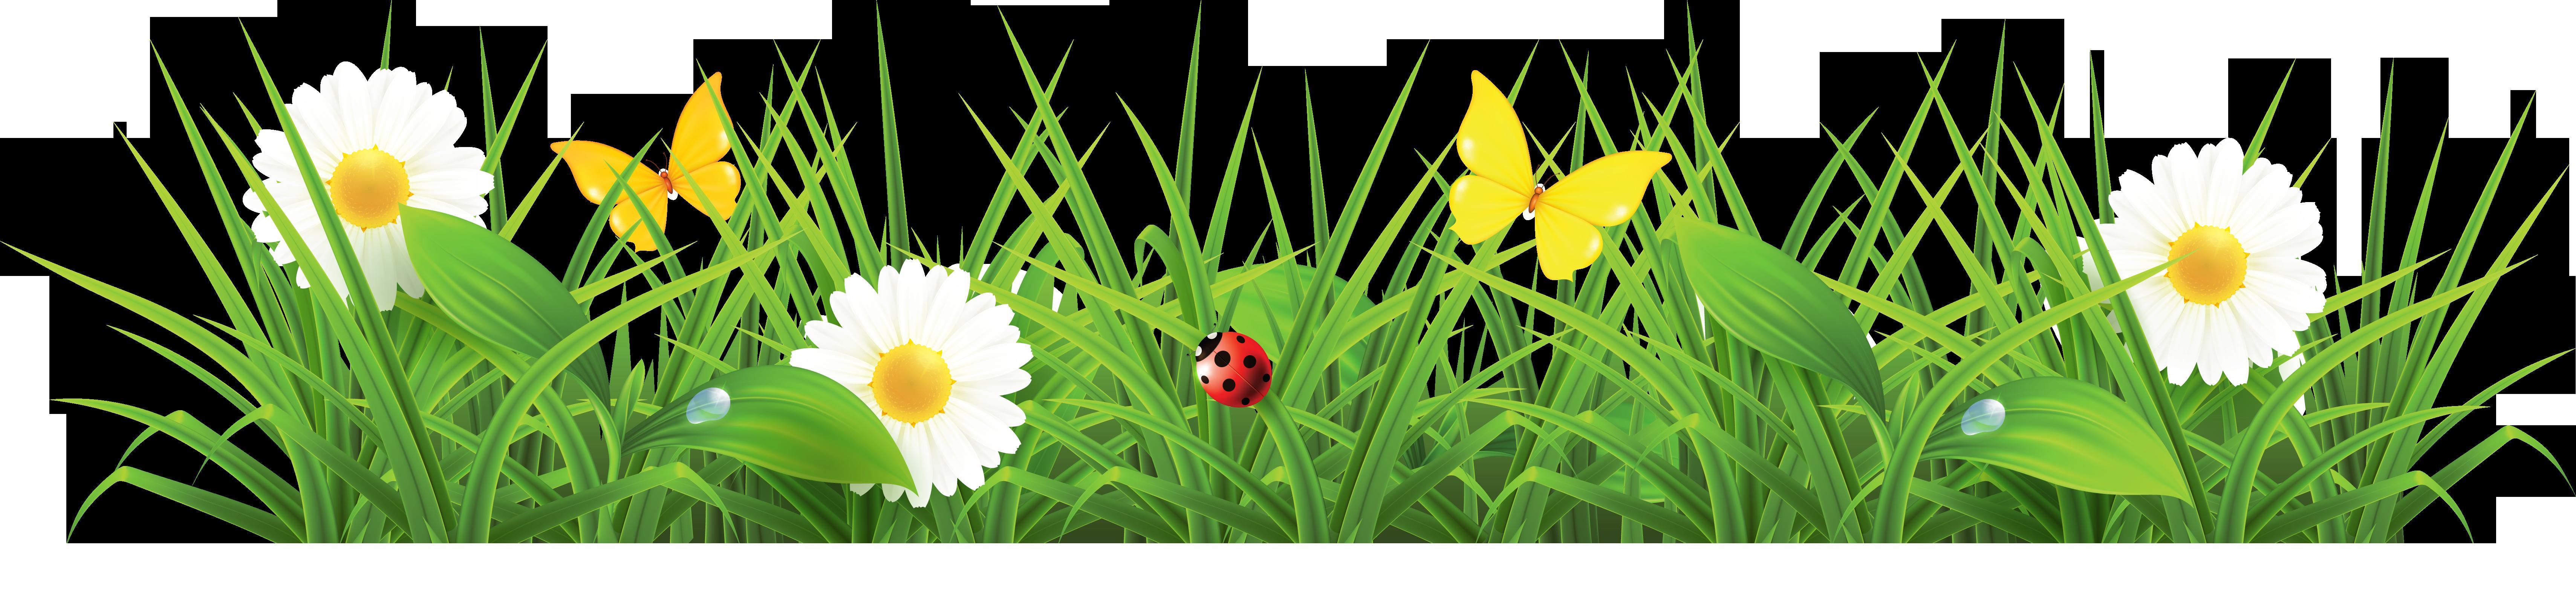 Clipart Grass-clipart grass-0